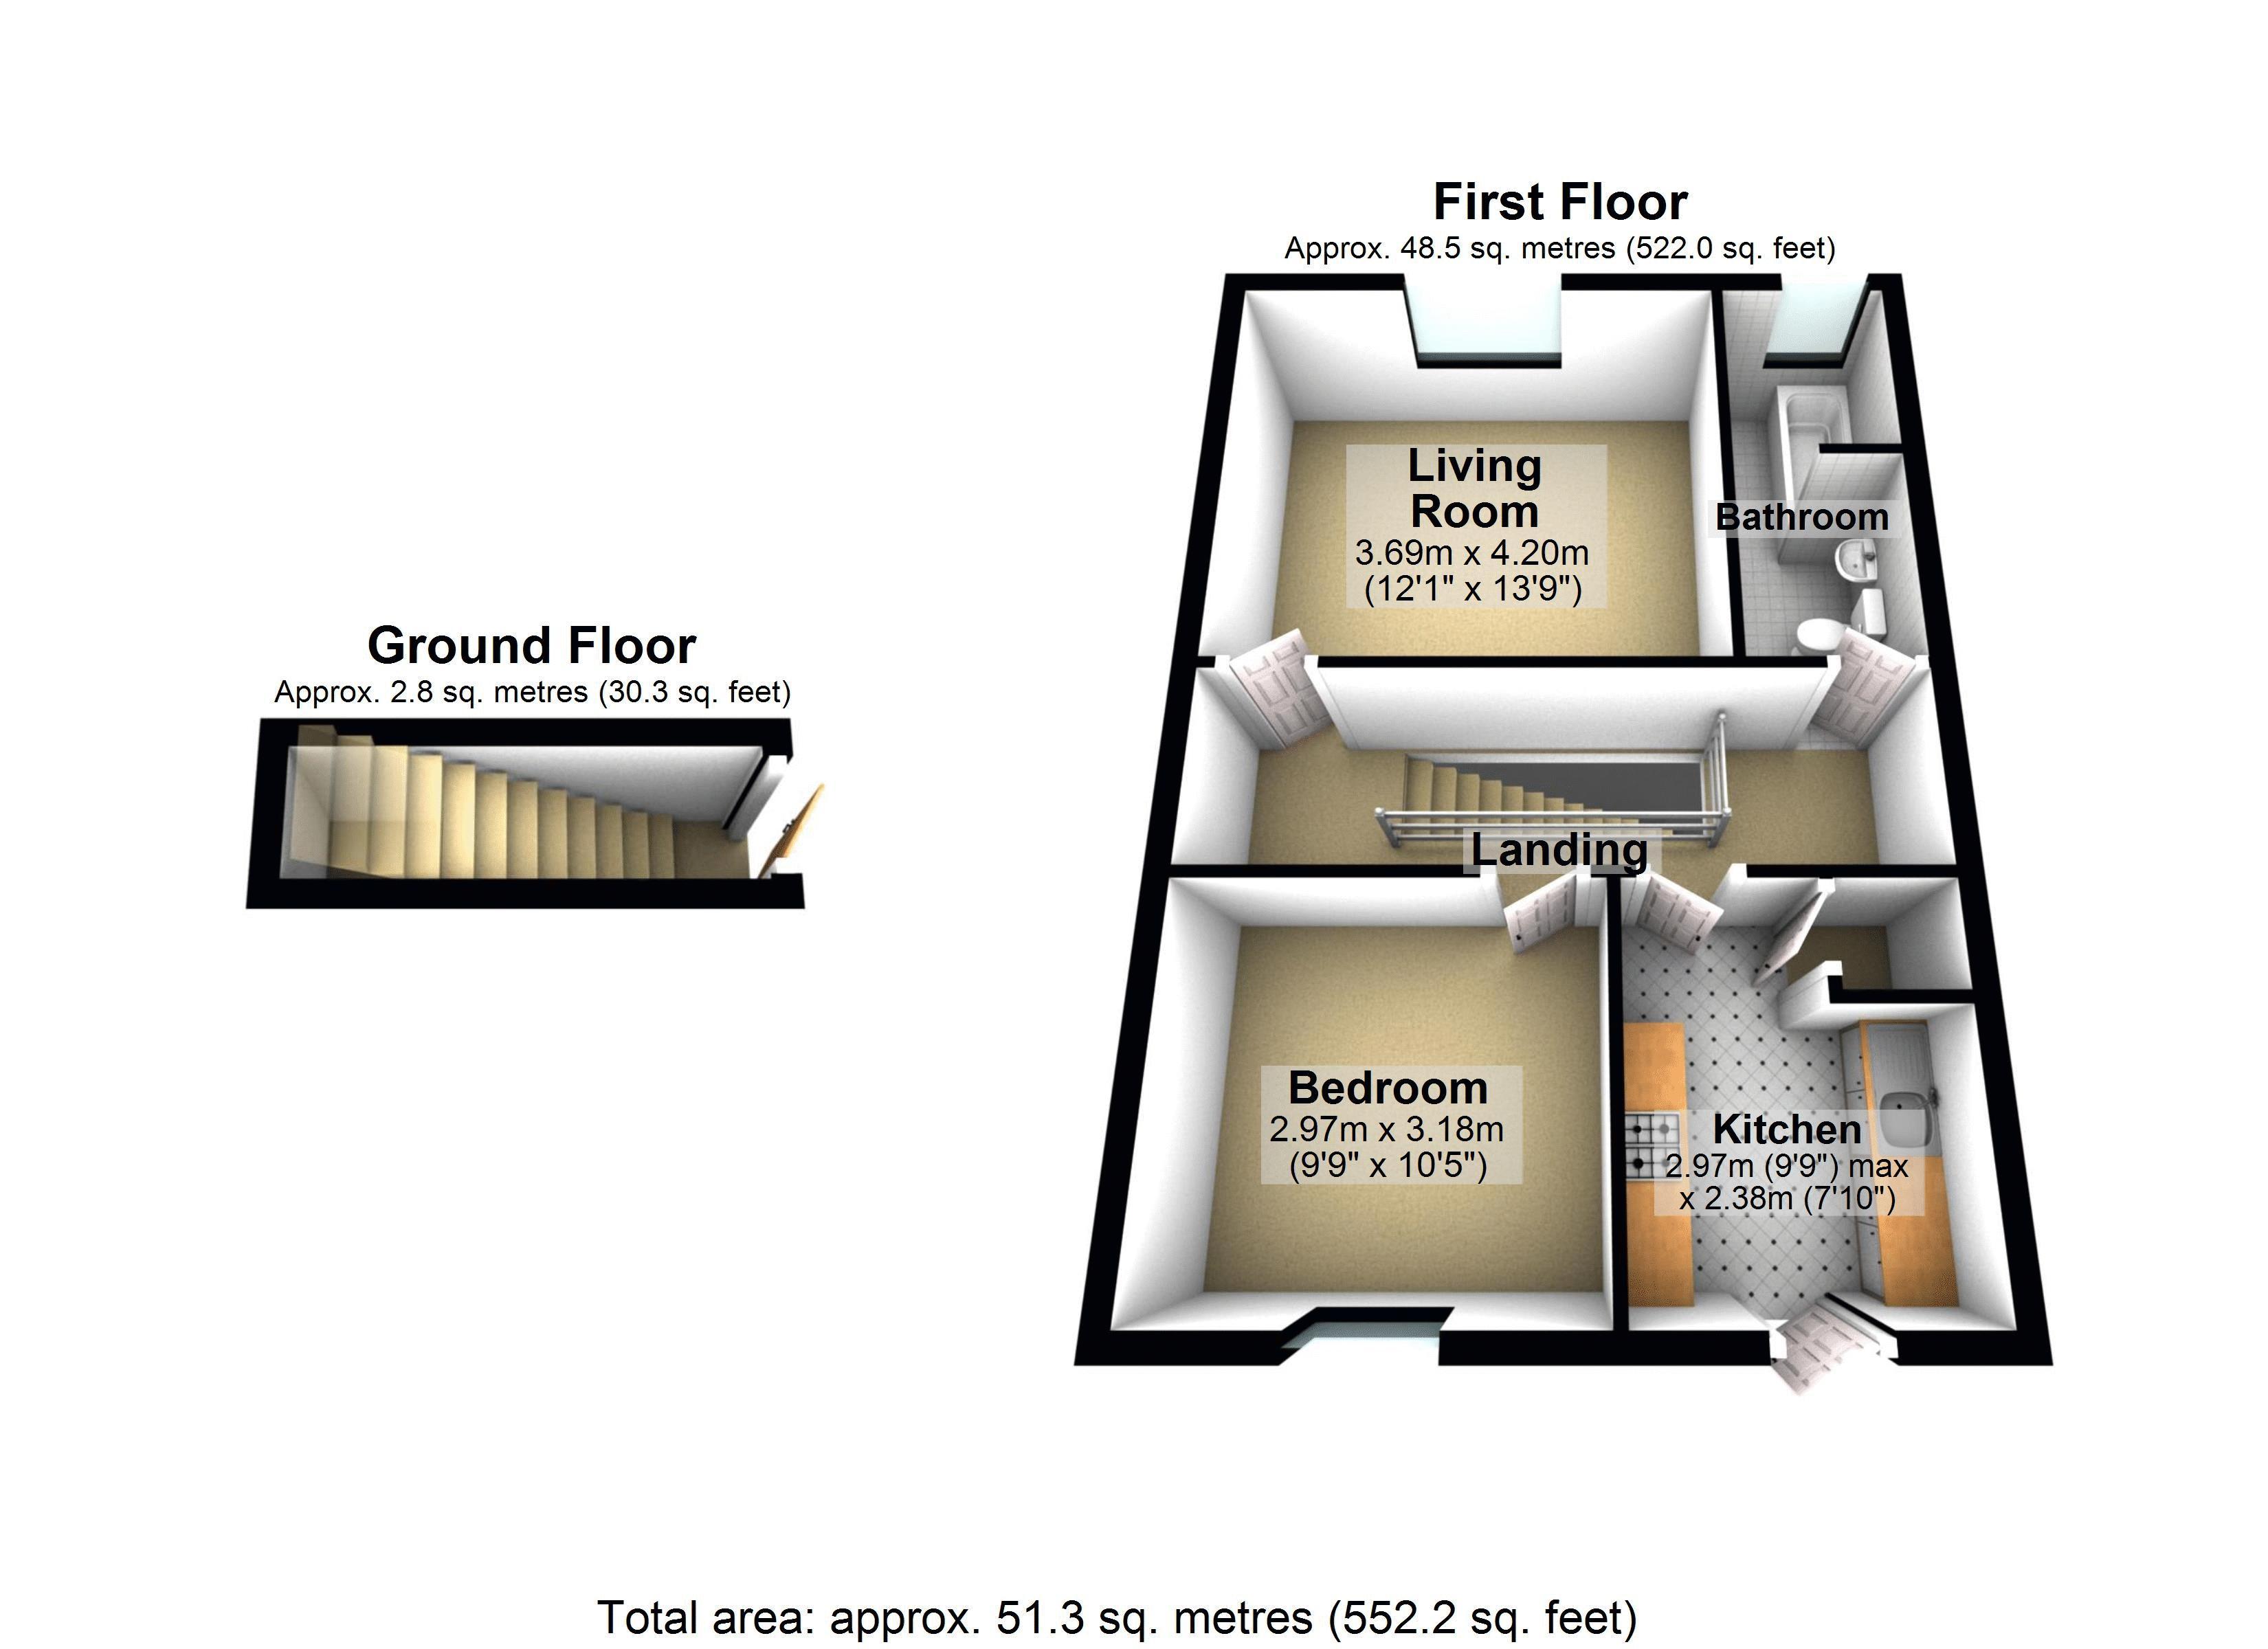 First Floor Flat - 3D Floor Plan